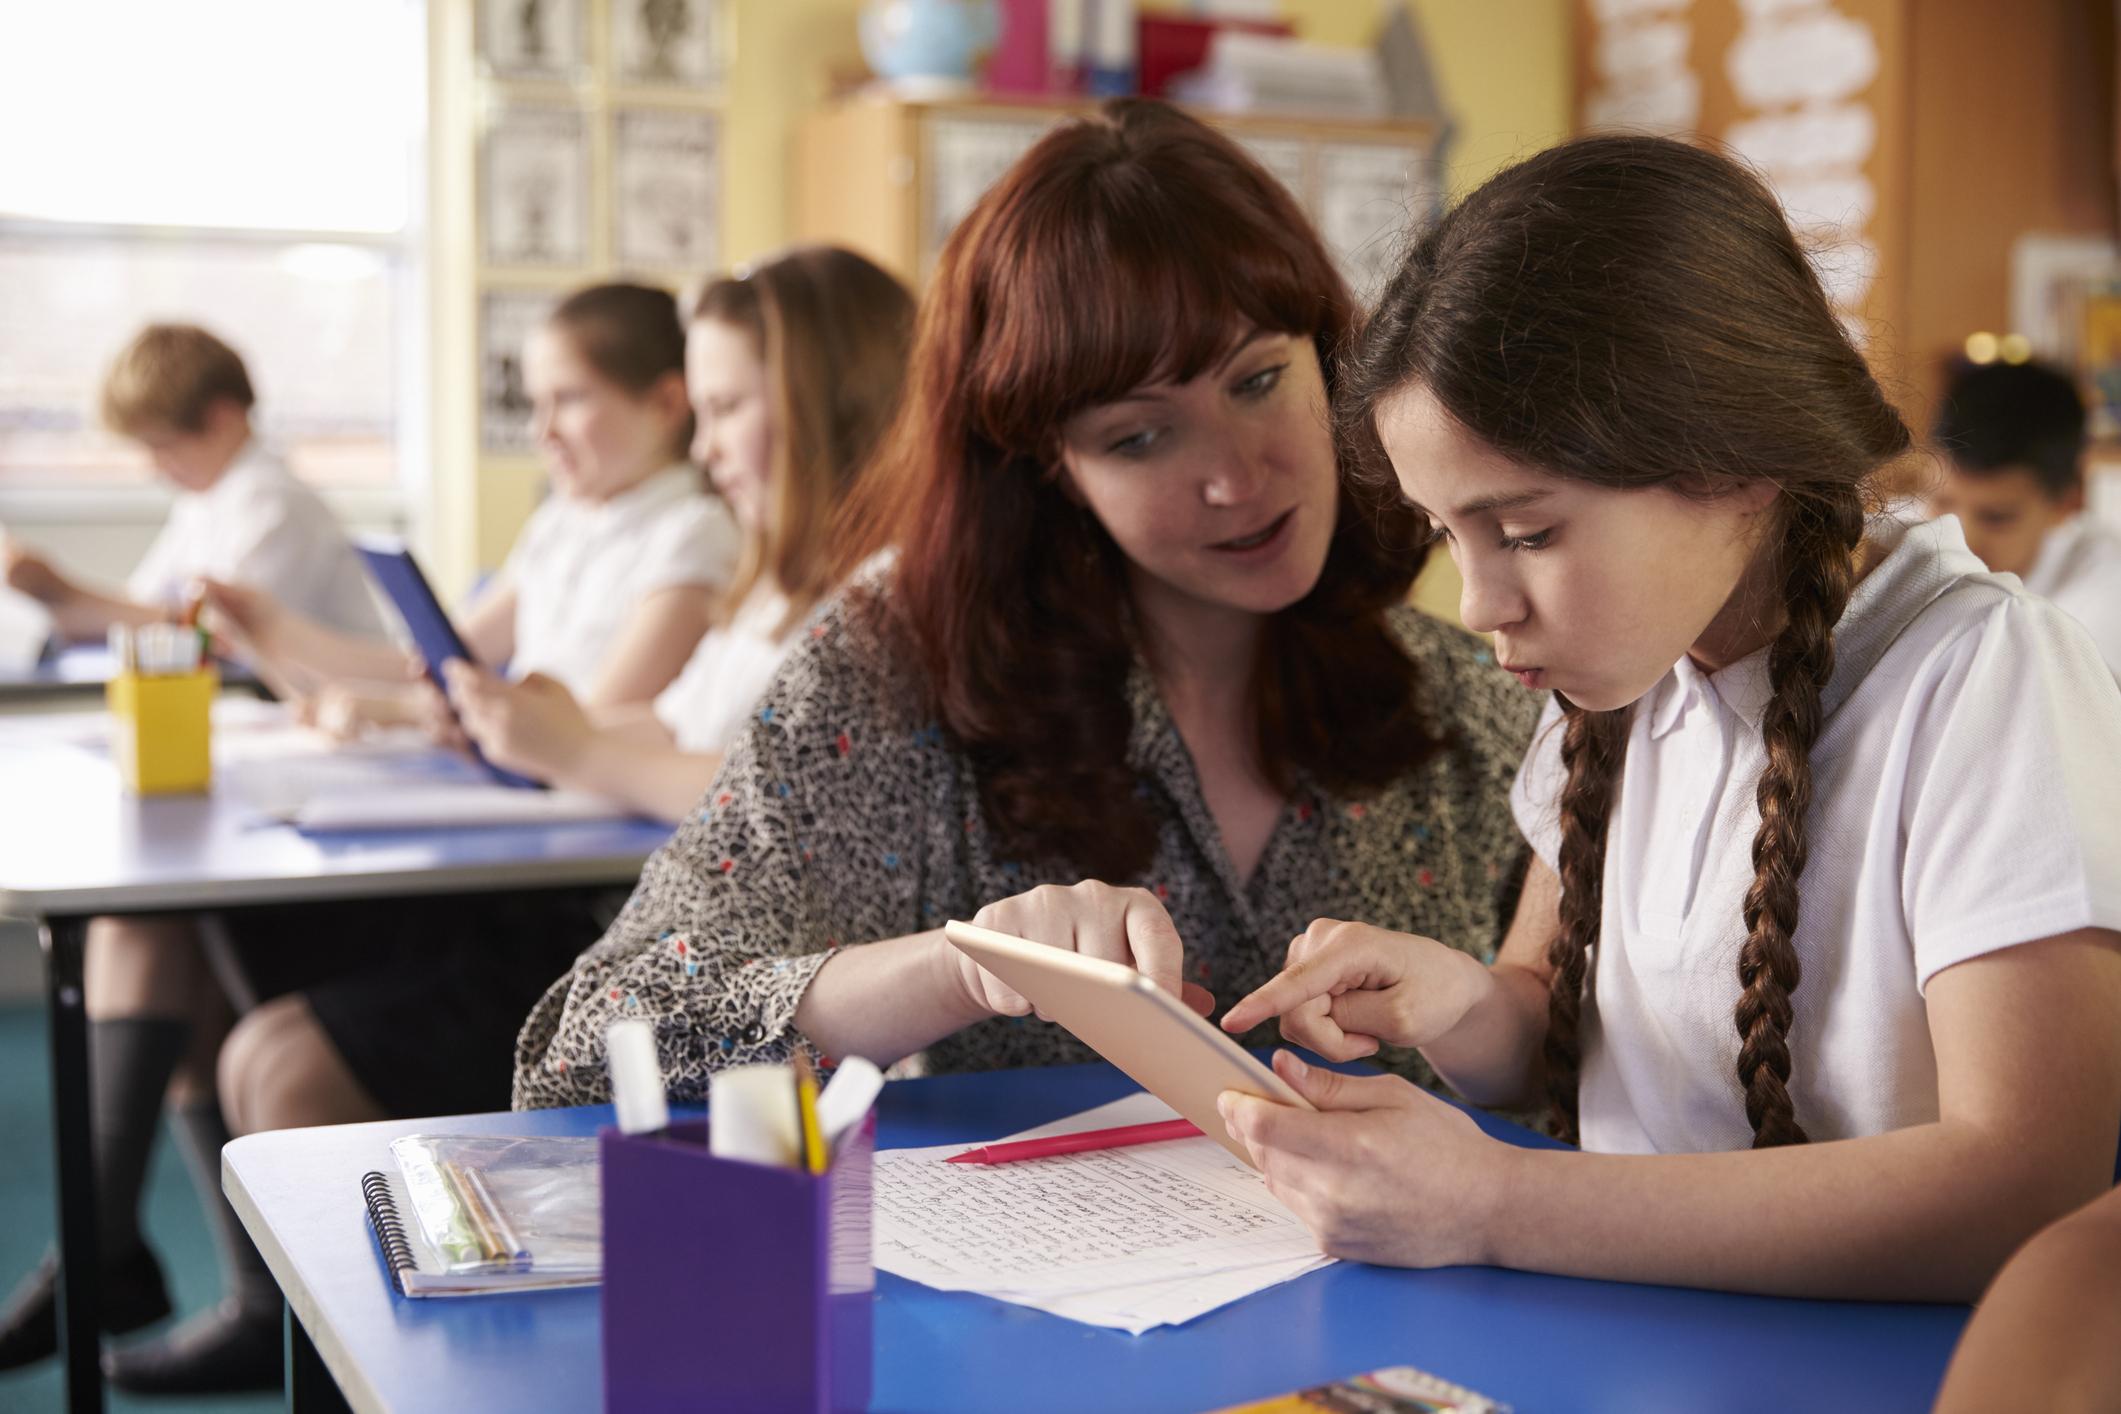 Teacher helping school girl -fulfilling career